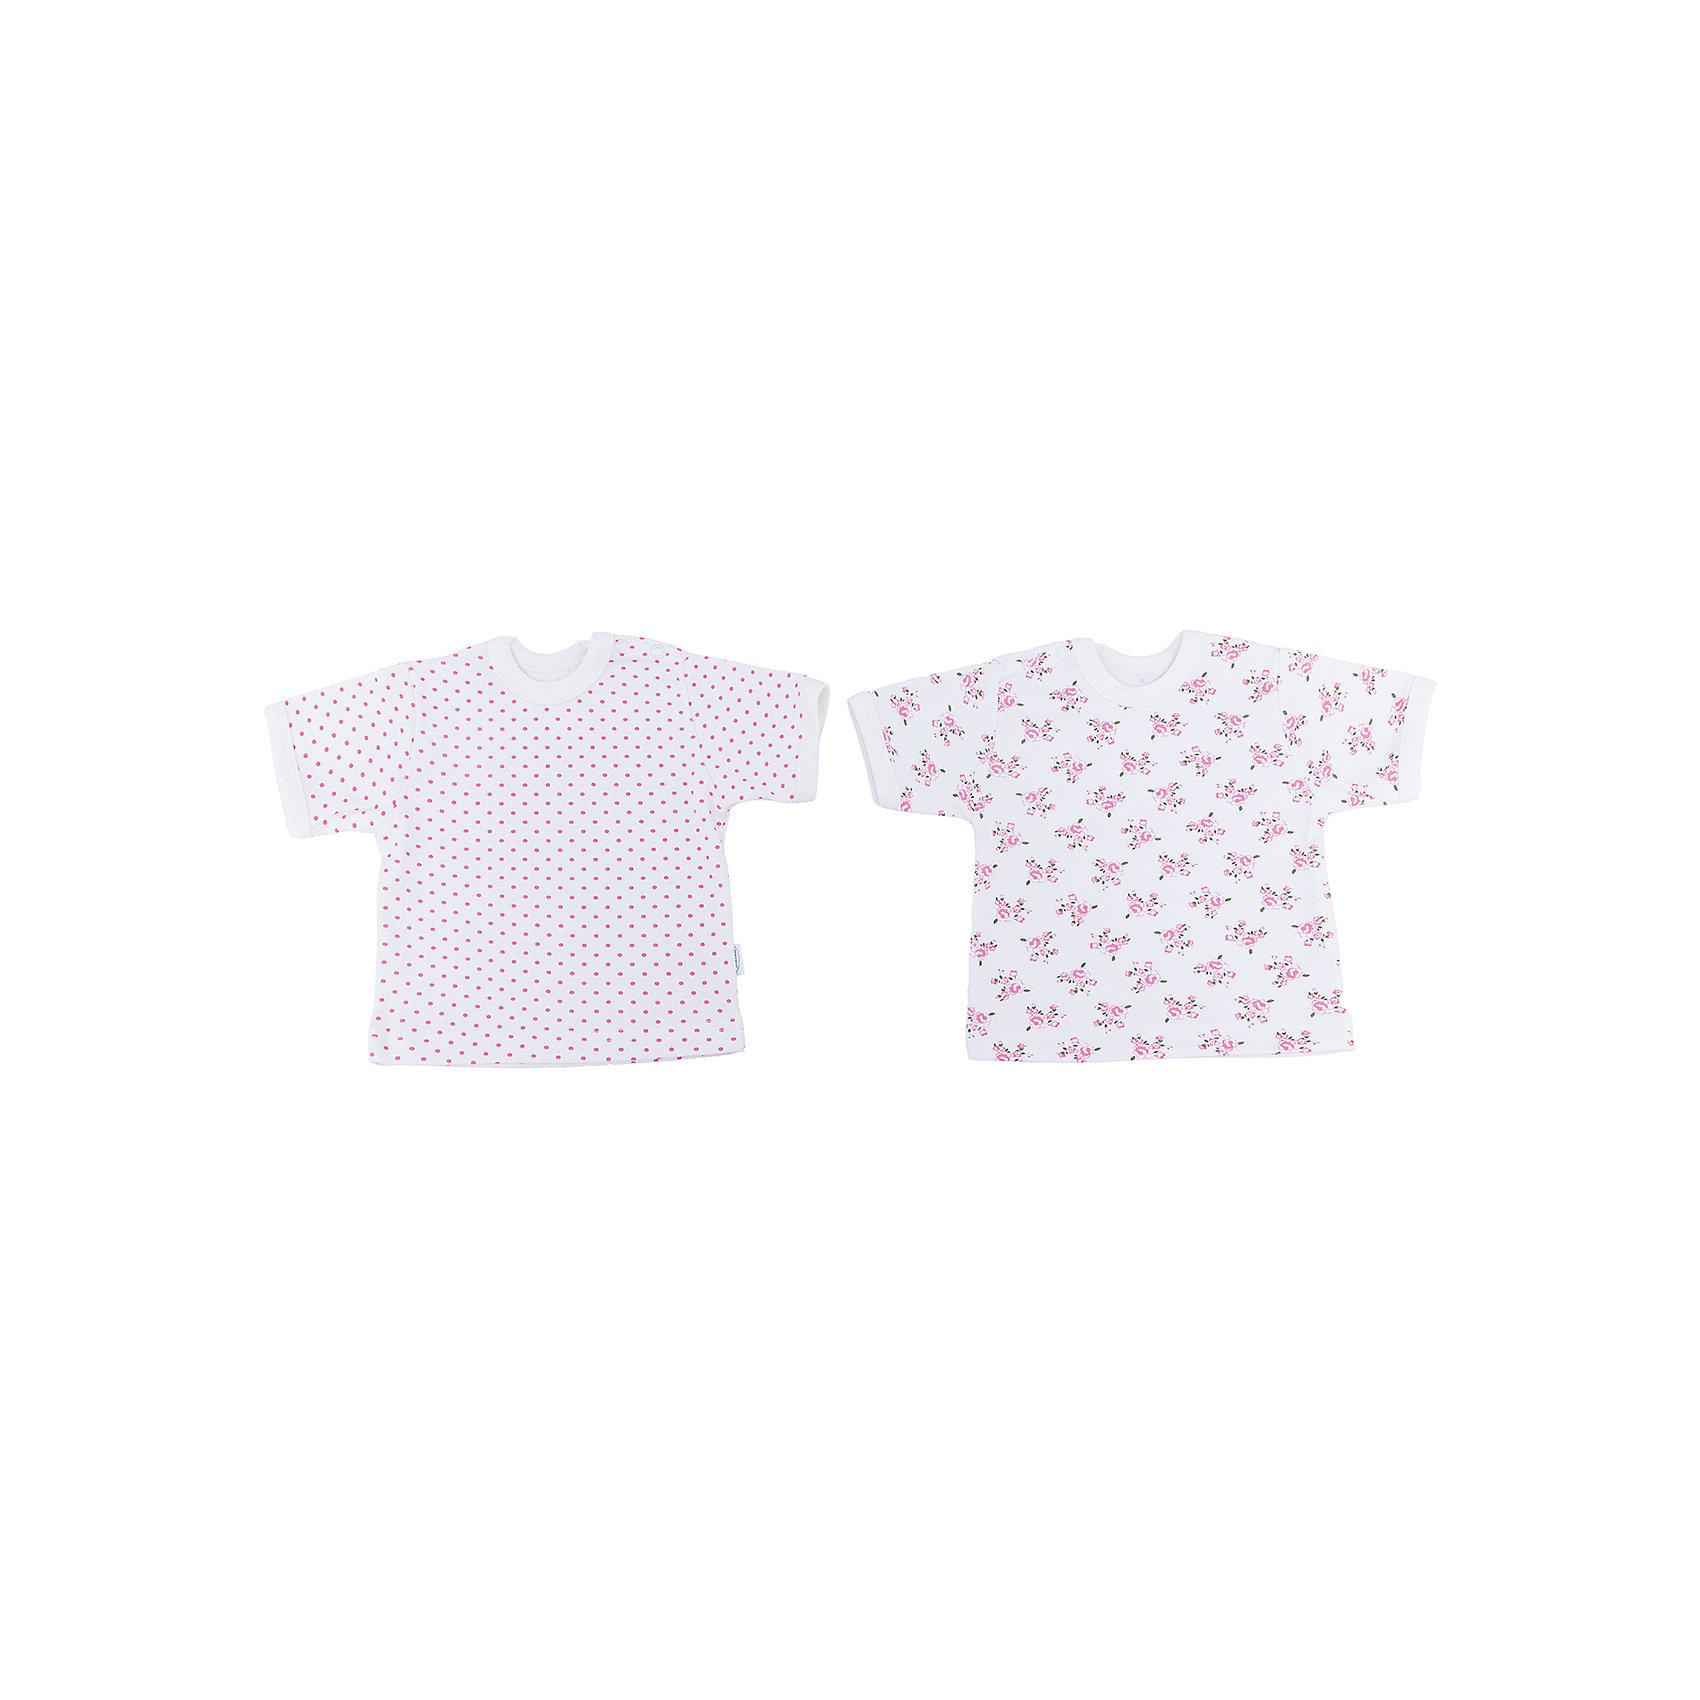 Футболка для девочки, 2 шт. Веселый малышФутболки, топы<br>Каждый предмет, предназначающийся ребенку, необходимо тщательно выбирать. Одежда для малышей должна быть удобной и качественной - это один из необходимых факторов для правильного развития и хорошего самочувствия ребенка.<br>Эти футболки отличаются высоким качеством швов, окантовкой краёв, что позволяет им хорошо фиксироваться на теле малыша, не сползать и не натирать. Застежки - удобные кнопки, которые не мешают ребенку. Материал - интерлок. Это плотная ткань из натурального хлопка, гладкая, приятная на ощупь, дышащая и гипоаллергенная. Расцветка изделий позволяет легко комбинировать их с различной одеждой. В наборе - две футболки разных цветов.<br><br>Дополнительная информация:<br><br>материал: 100% хлопок интерлок;<br>застежки: кнопки;<br>короткий рукав;<br>комплектация: 2 футболки.<br><br>Комплект футболок от бренда Веселый малыш можно купить в нашем магазине.<br><br>Ширина мм: 157<br>Глубина мм: 13<br>Высота мм: 119<br>Вес г: 200<br>Цвет: бежевый<br>Возраст от месяцев: 6<br>Возраст до месяцев: 9<br>Пол: Женский<br>Возраст: Детский<br>Размер: 74,86,80,68<br>SKU: 4811015